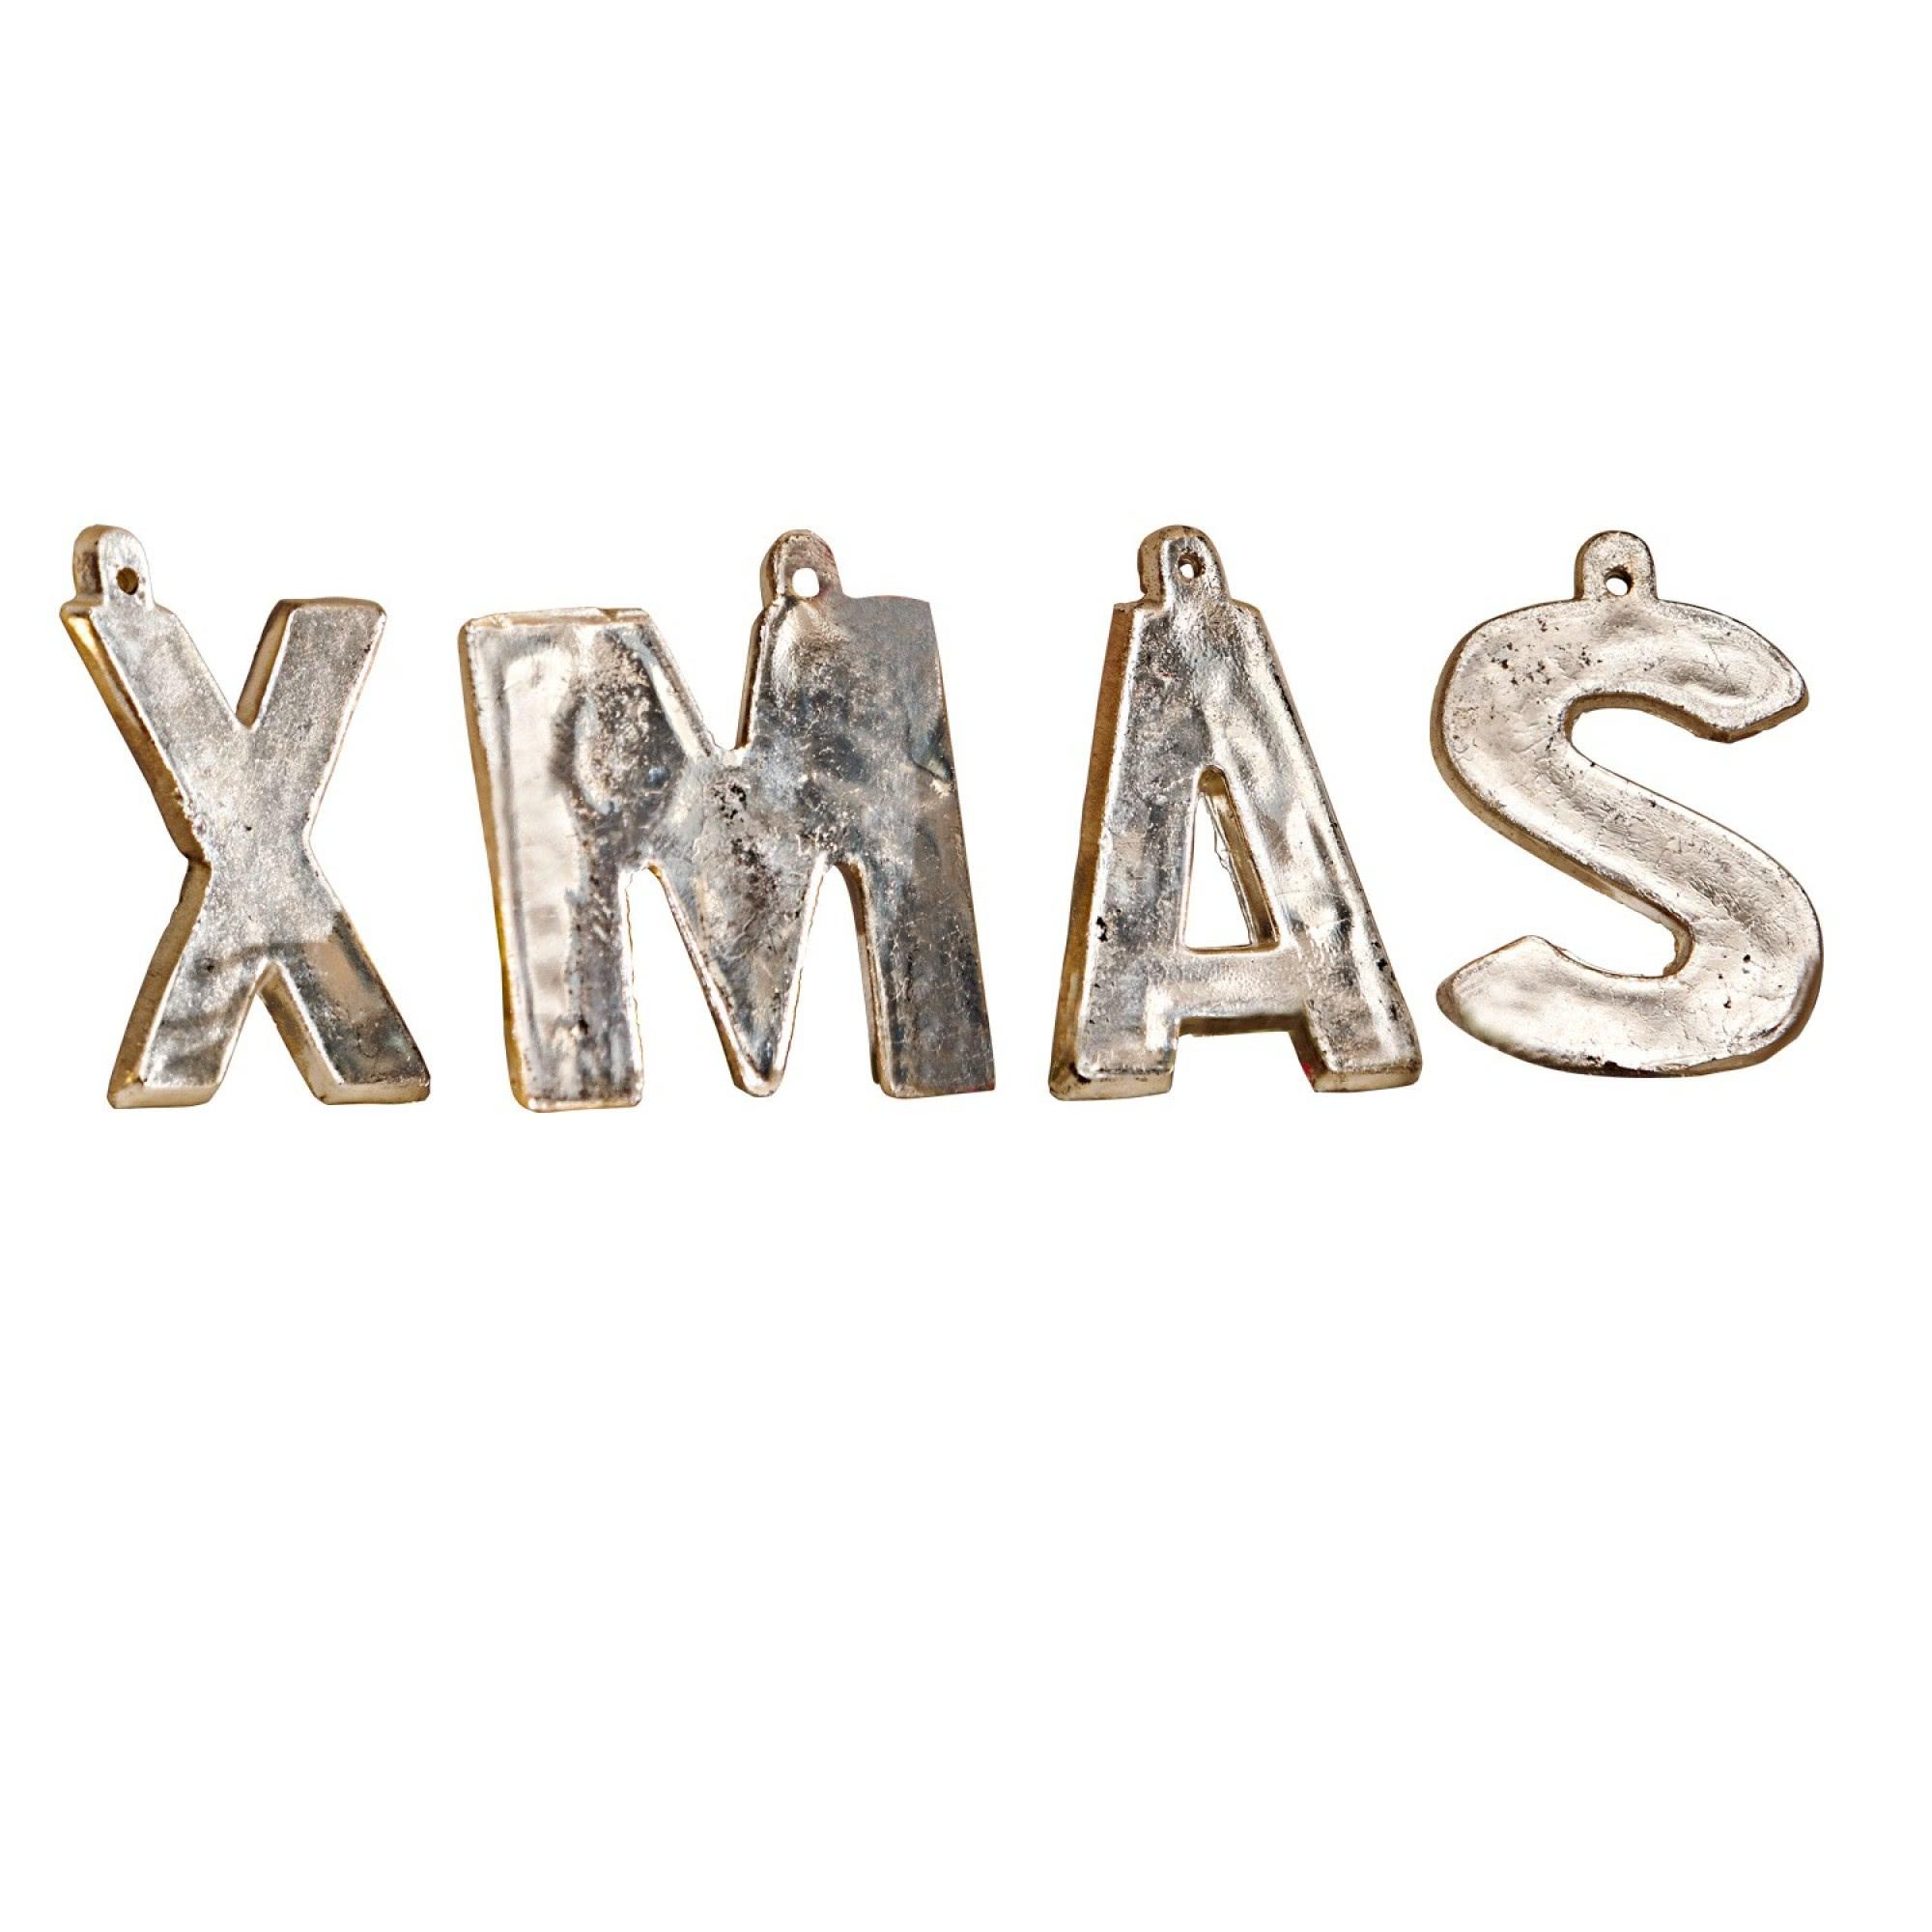 Weihnachtsdeko buchstaben sammlung von for Weihnachtsdeko buchstaben